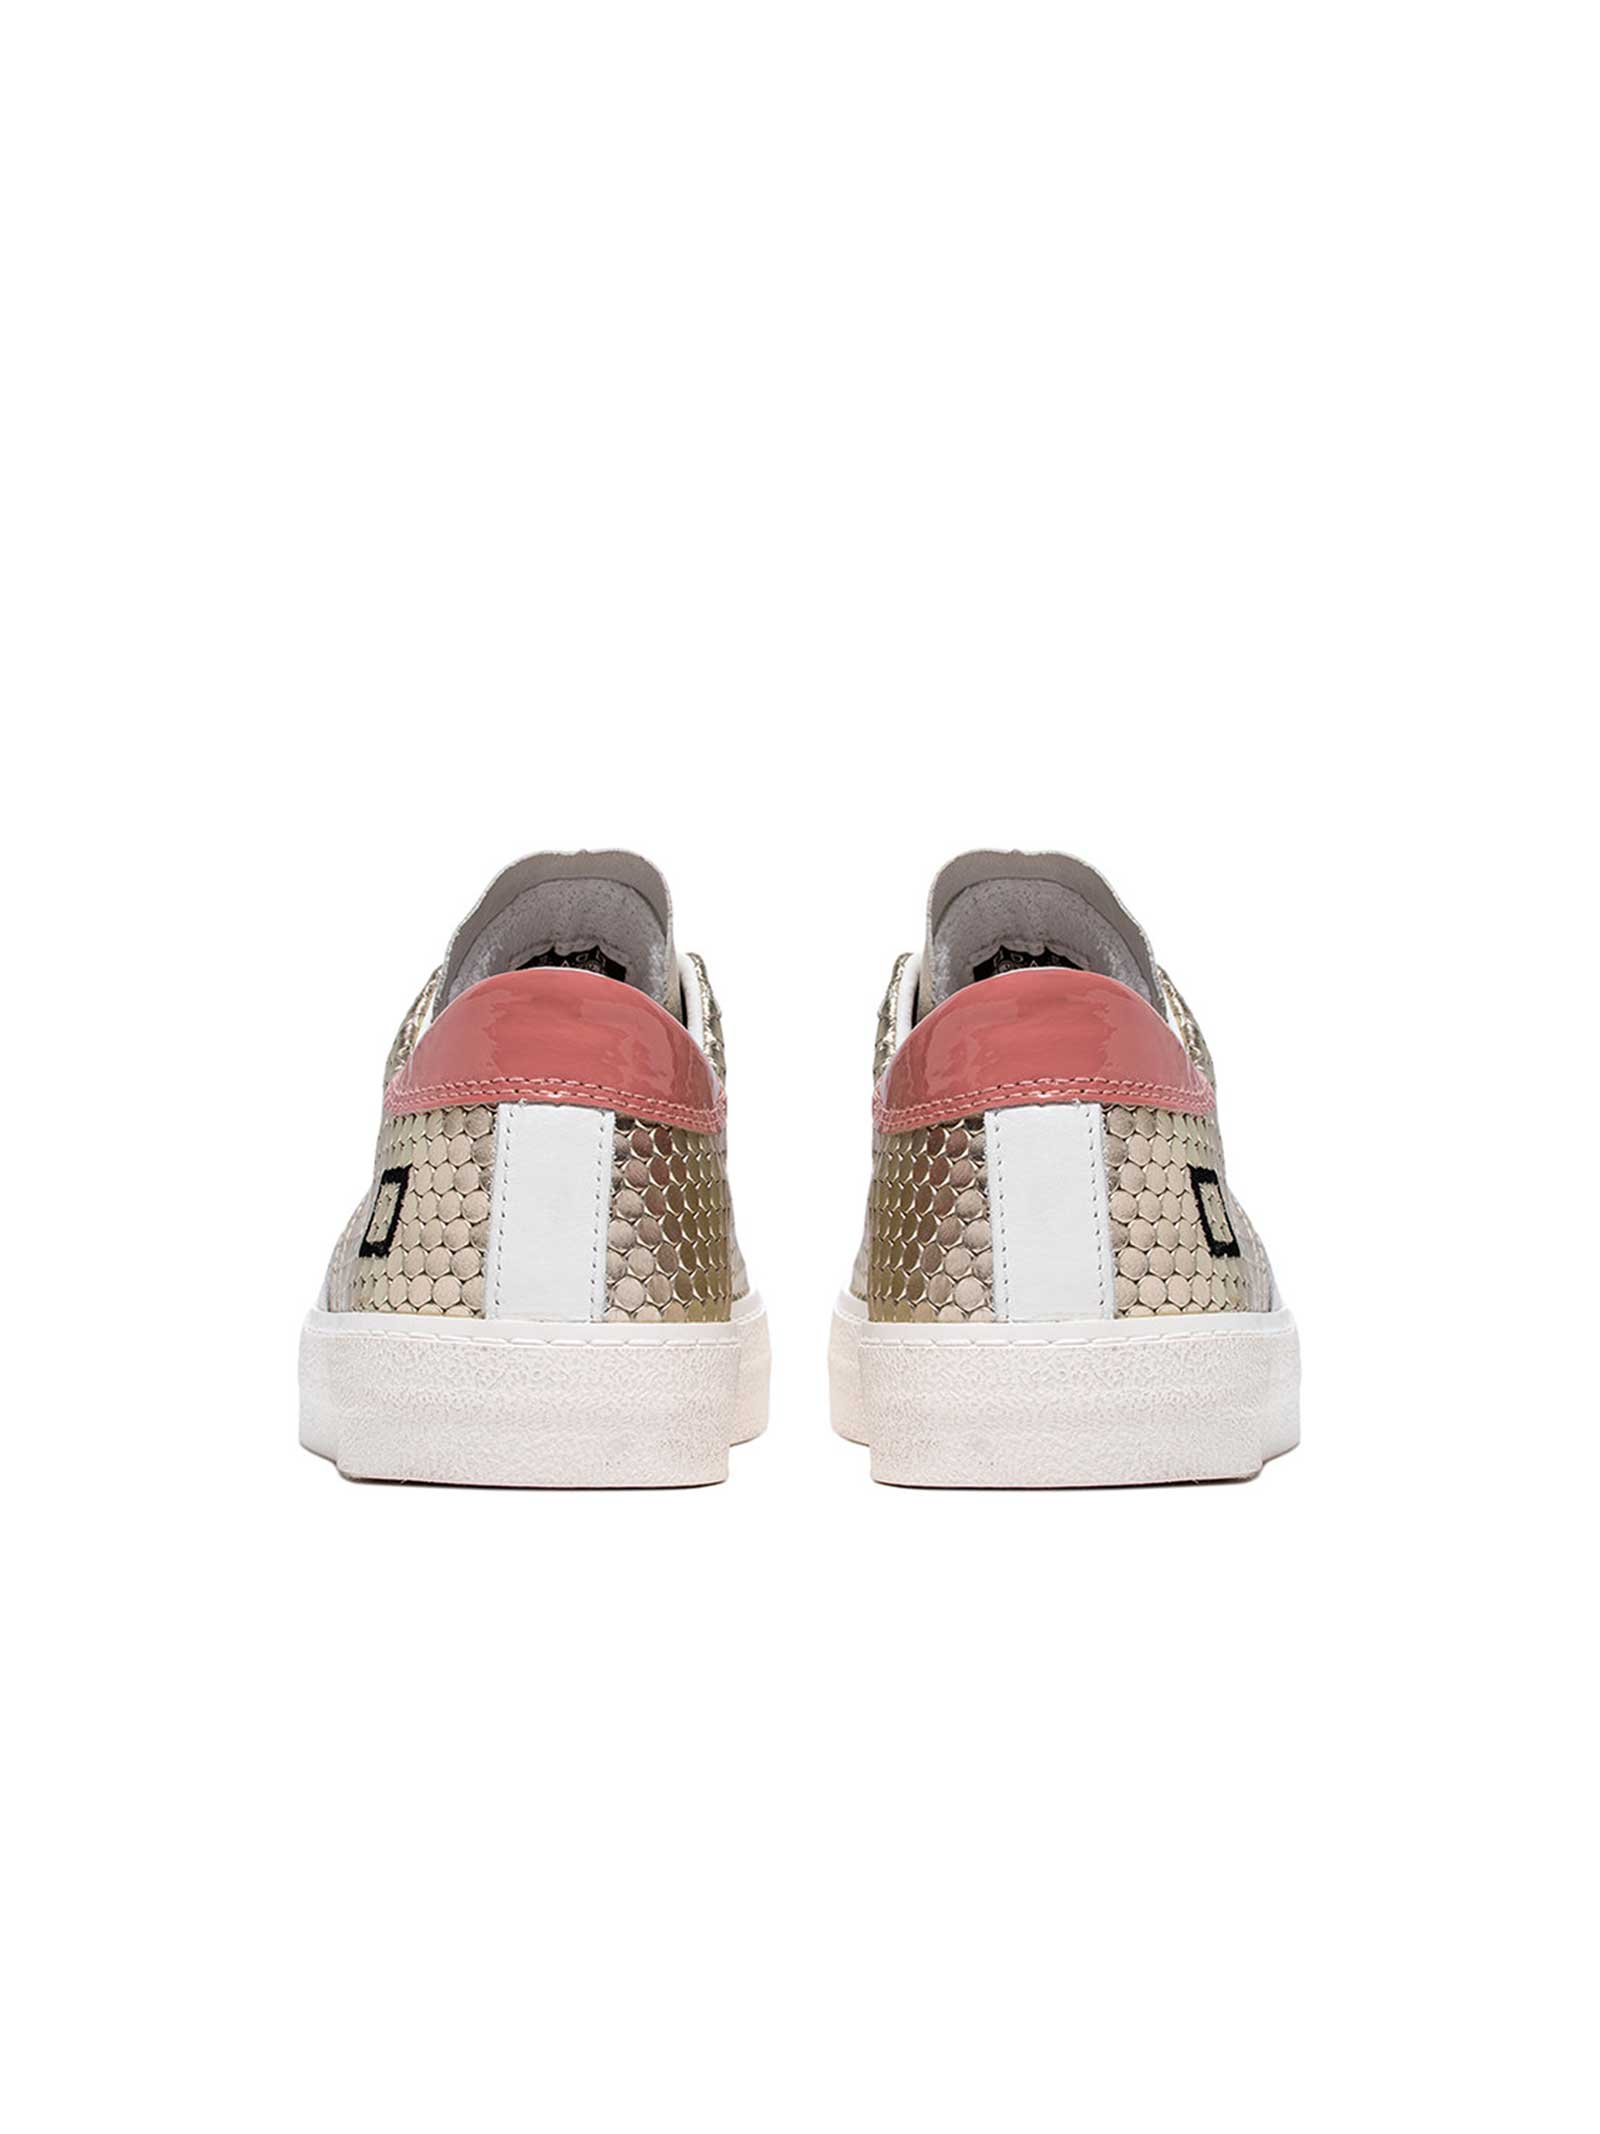 hill low pong D.A.T.E. | Sneakers | W341-HL-PG-PLPLATINUM